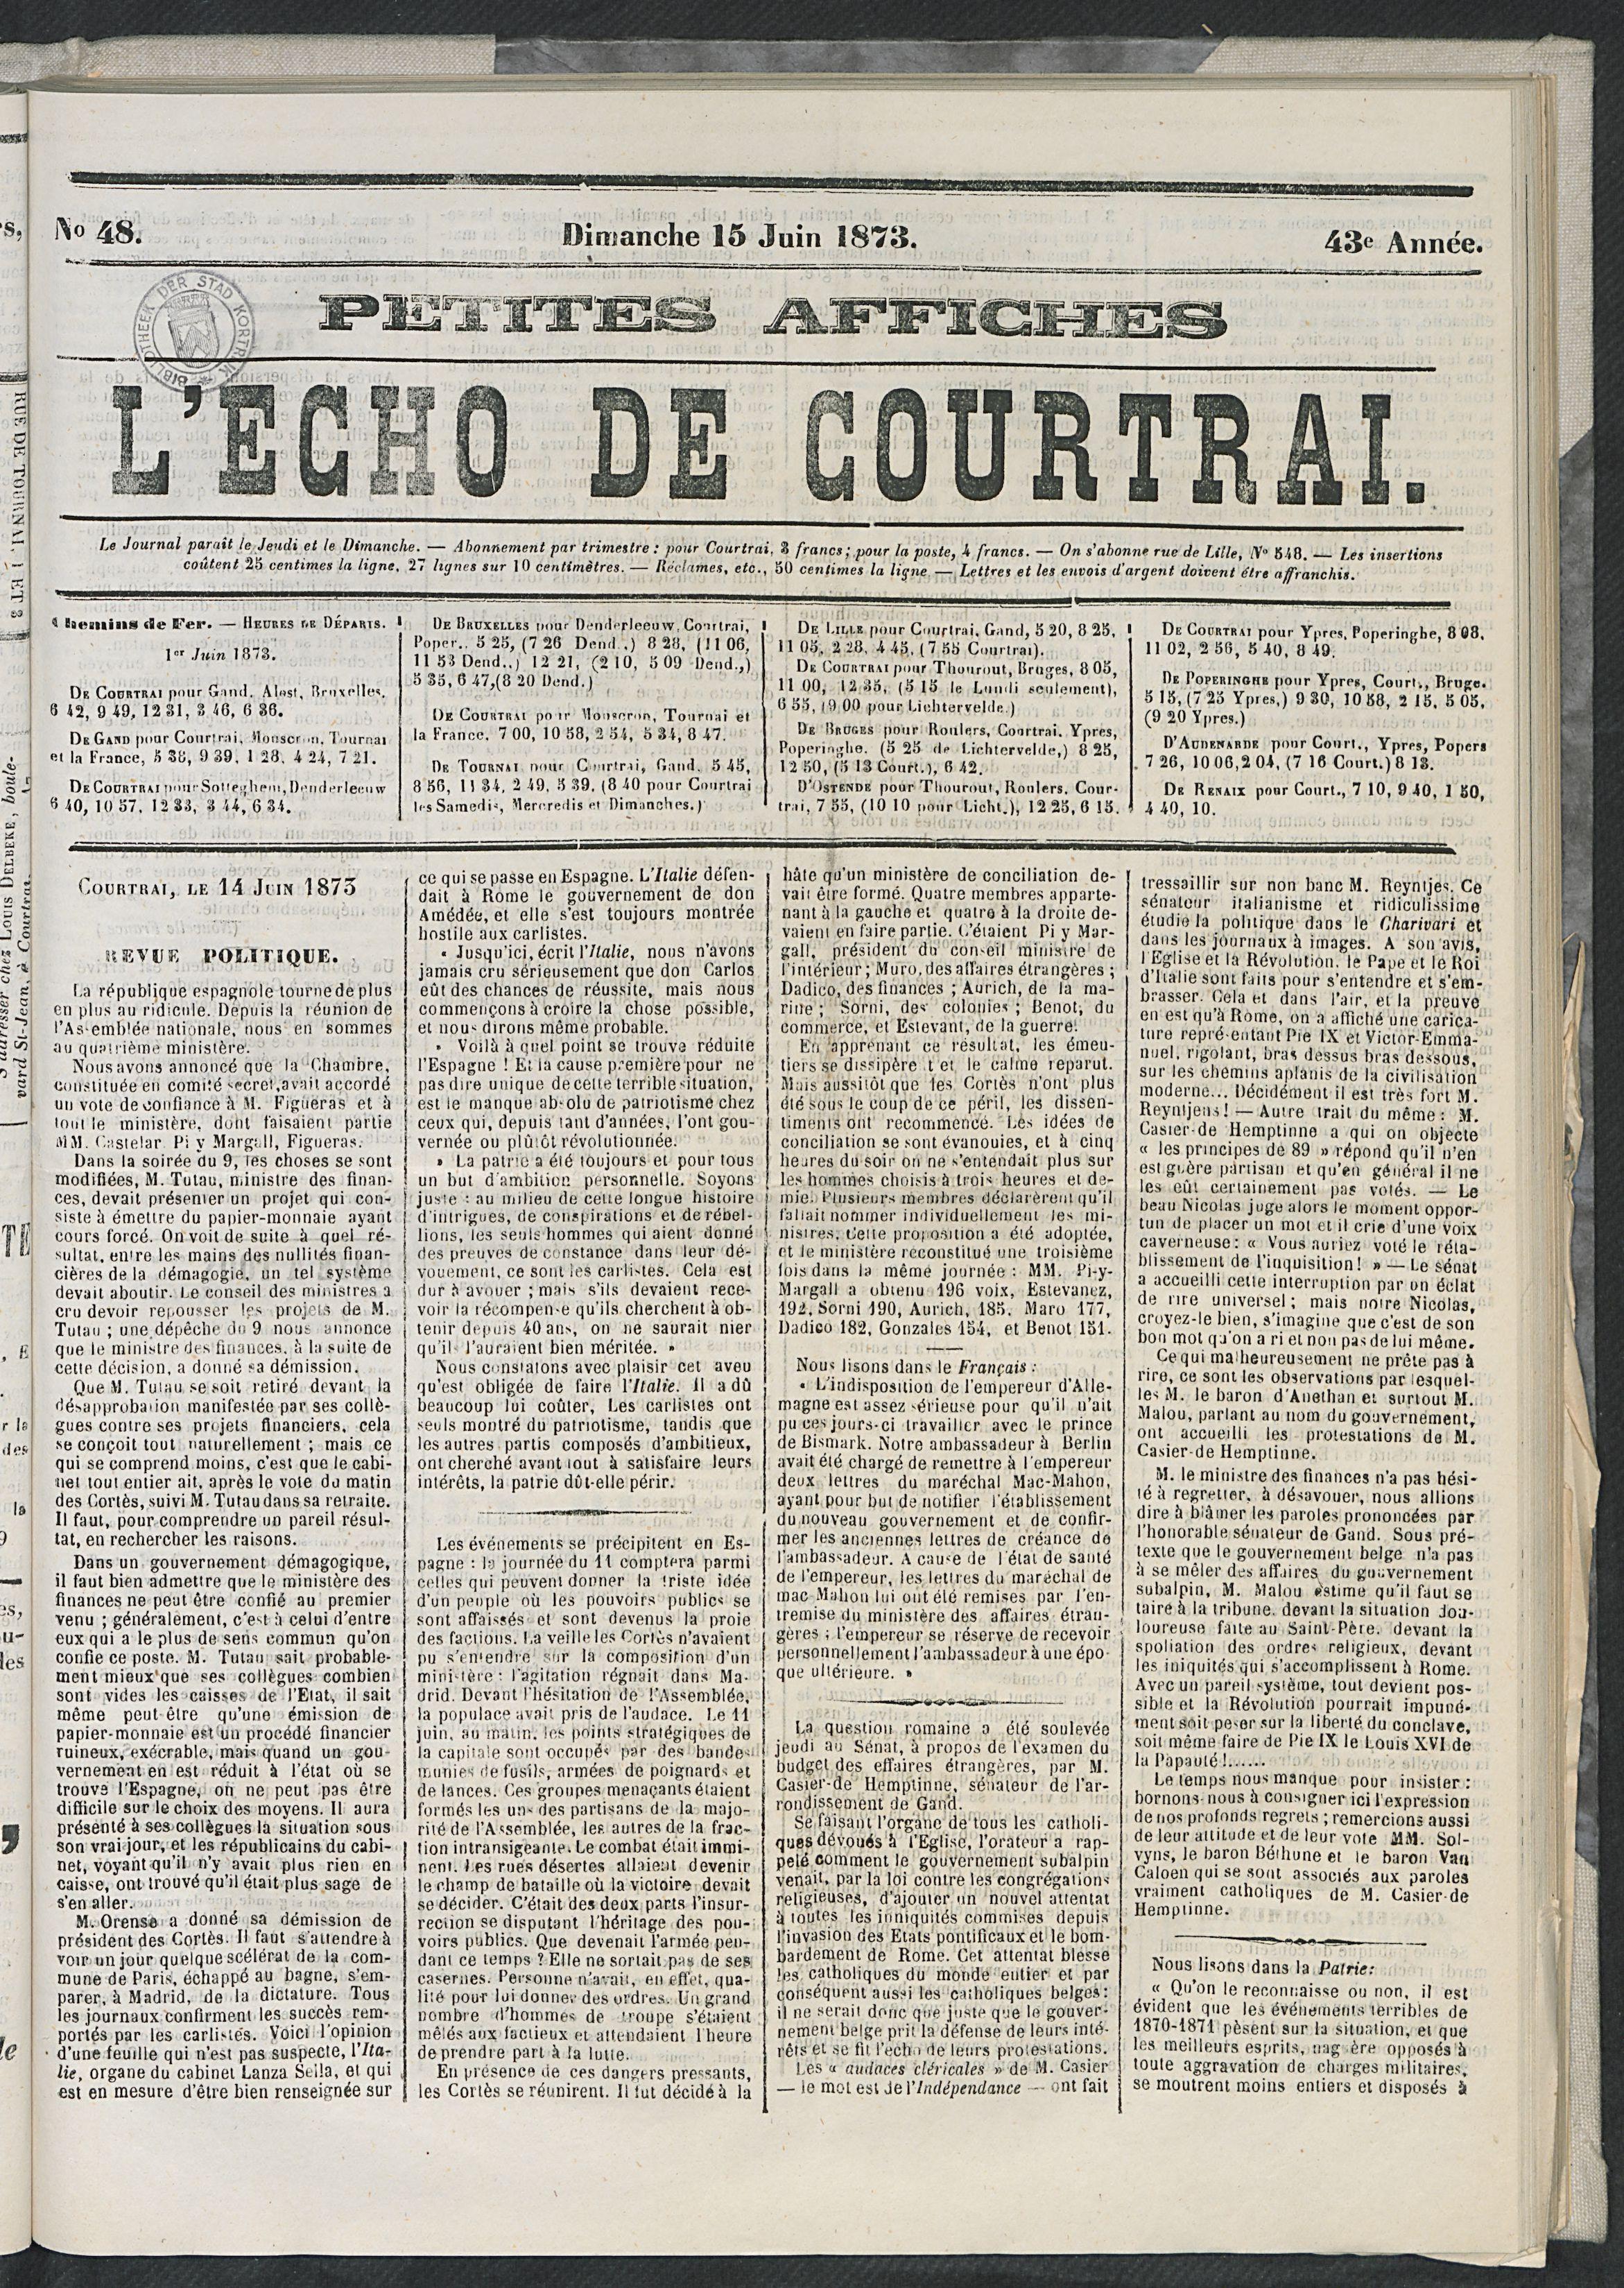 L'echo De Courtrai 1873-06-15 p1